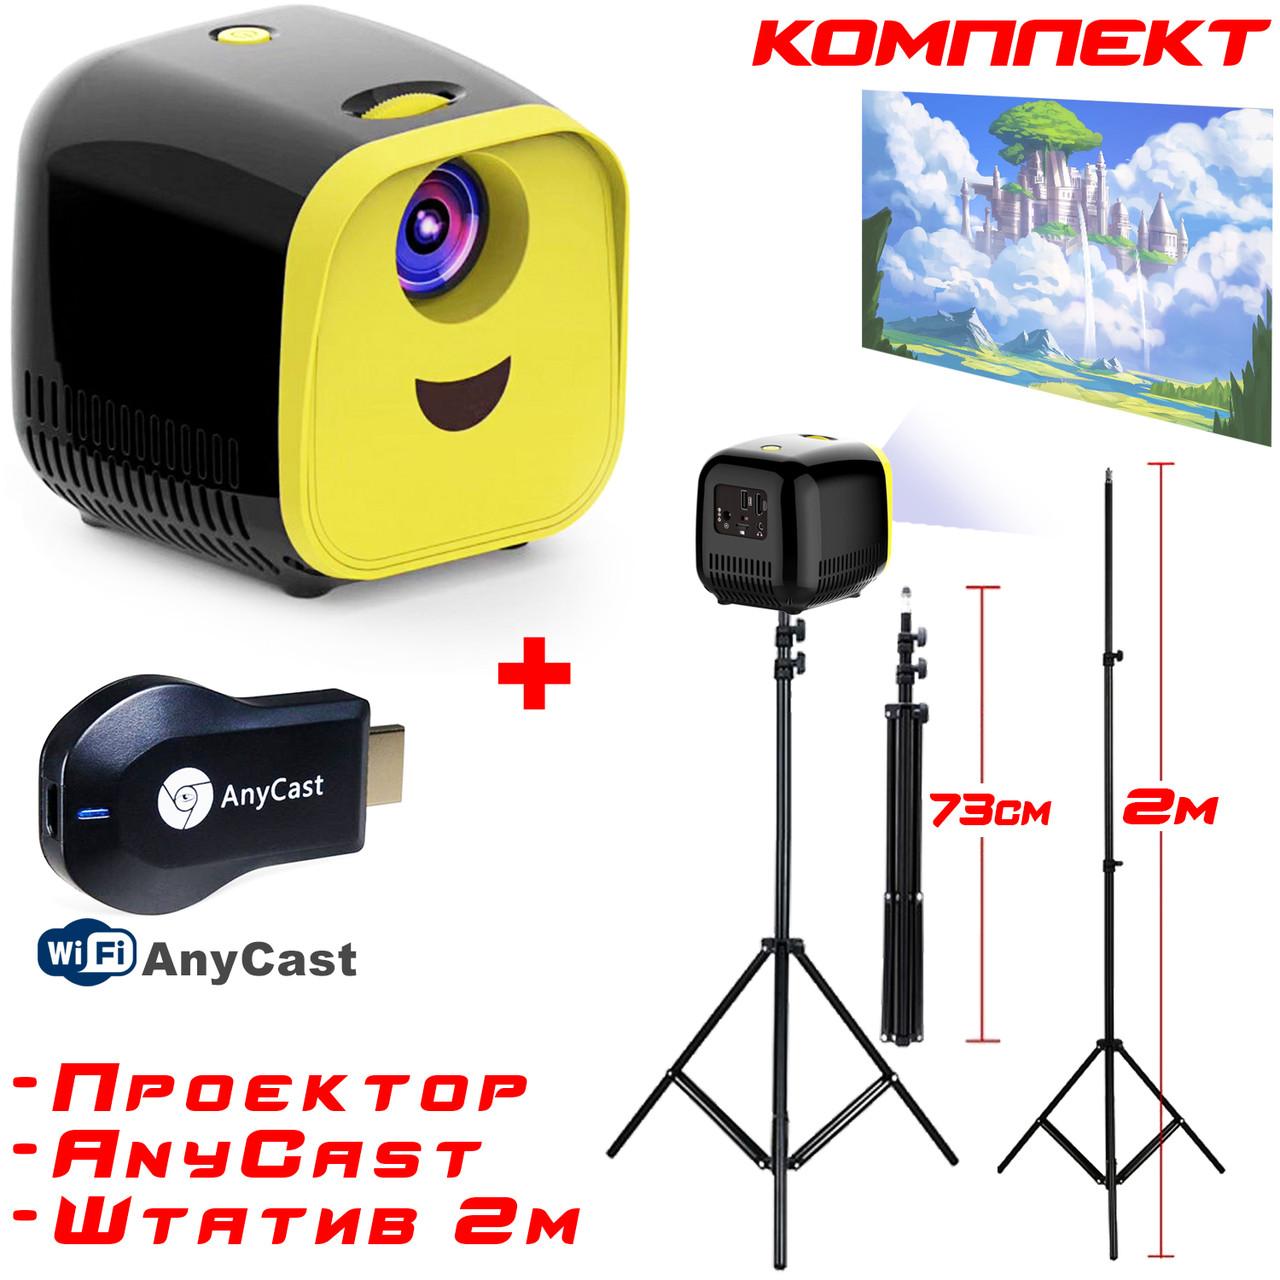 Дитячий міні-проектор домашній L1 з підтримкою 1080p Чорний+Медіаплеєр для проекторів і ТБ AnyCast+Штатив 2м